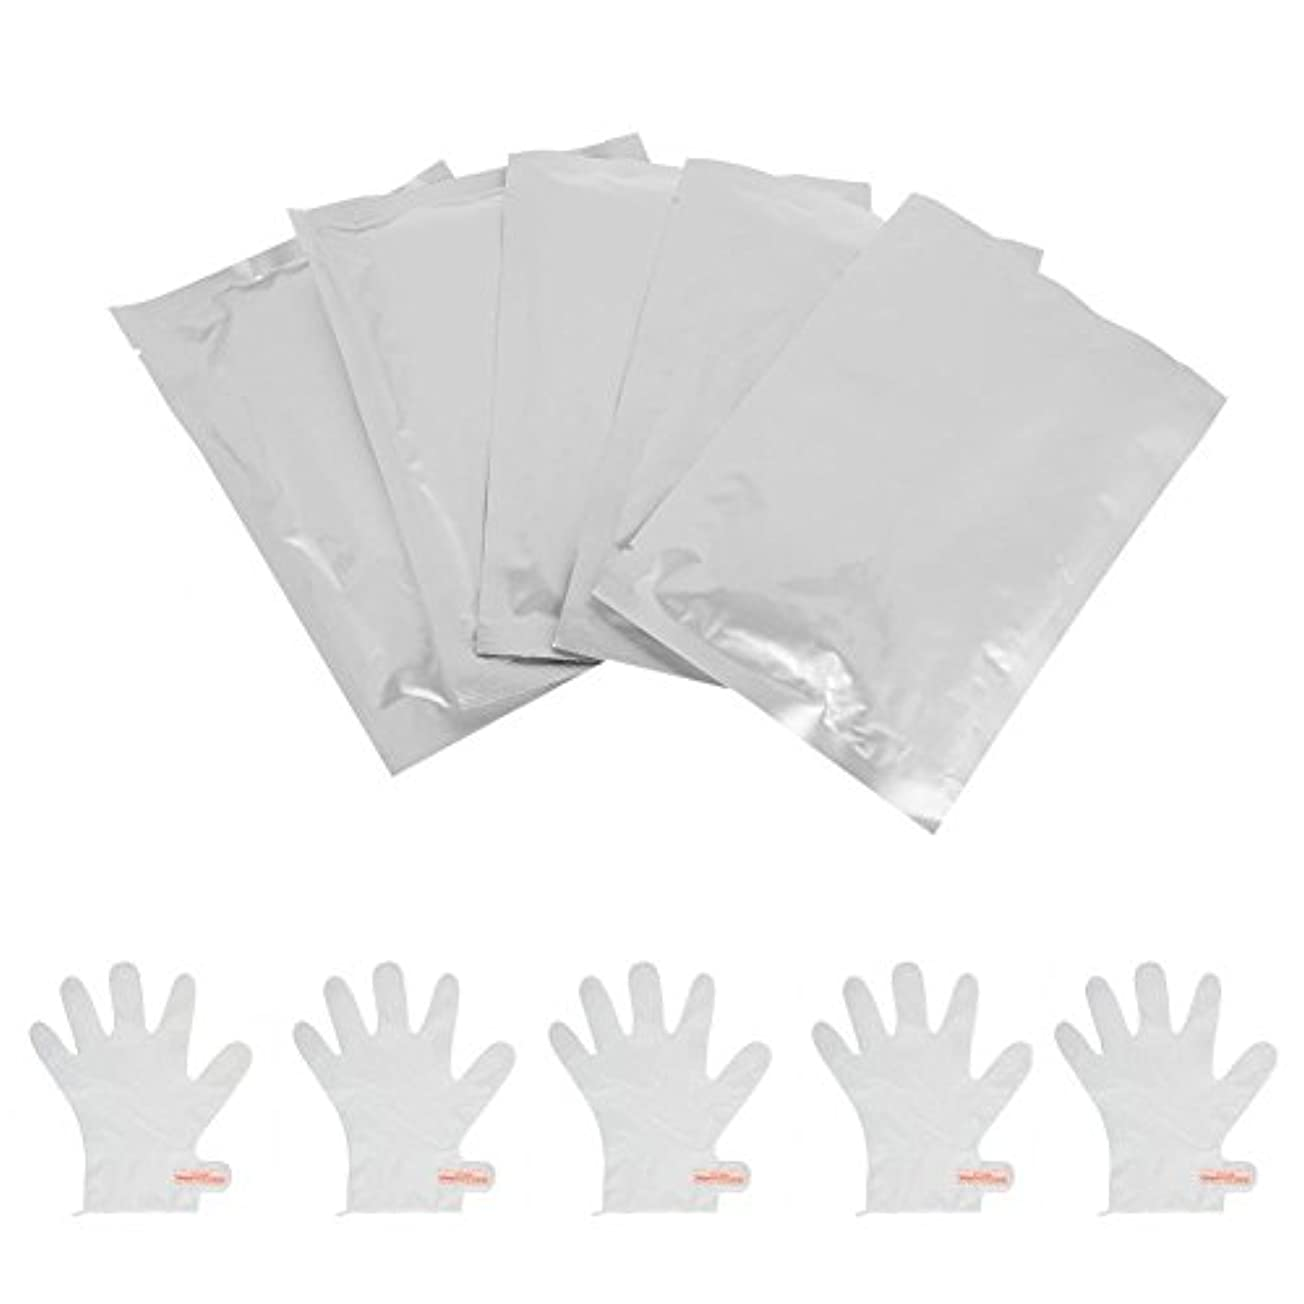 捧げる思いやりのある請負業者Ochun ハンドマスク ハンドパック しっとり 保湿ケア 手荒れを防ぐ 乾燥の季節に適用 手袋のようにはめるだけ 10枚セット